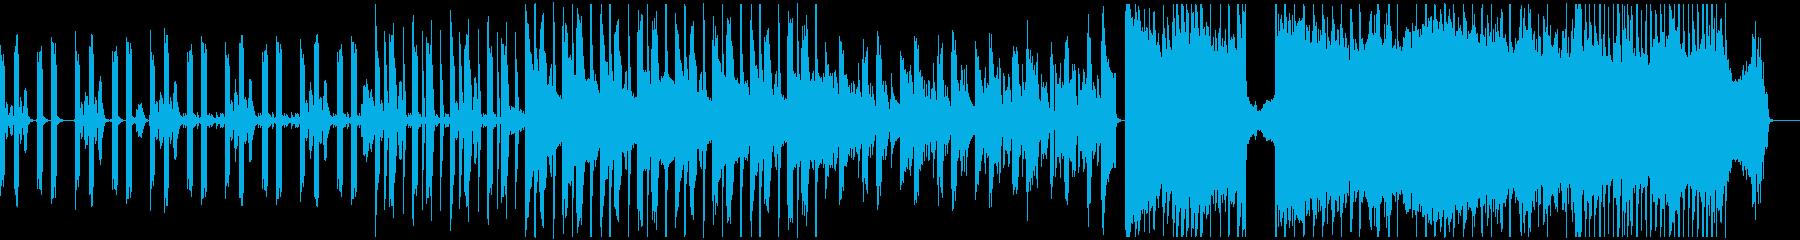 スタイリッシュ・オーケストラ・エレキの再生済みの波形